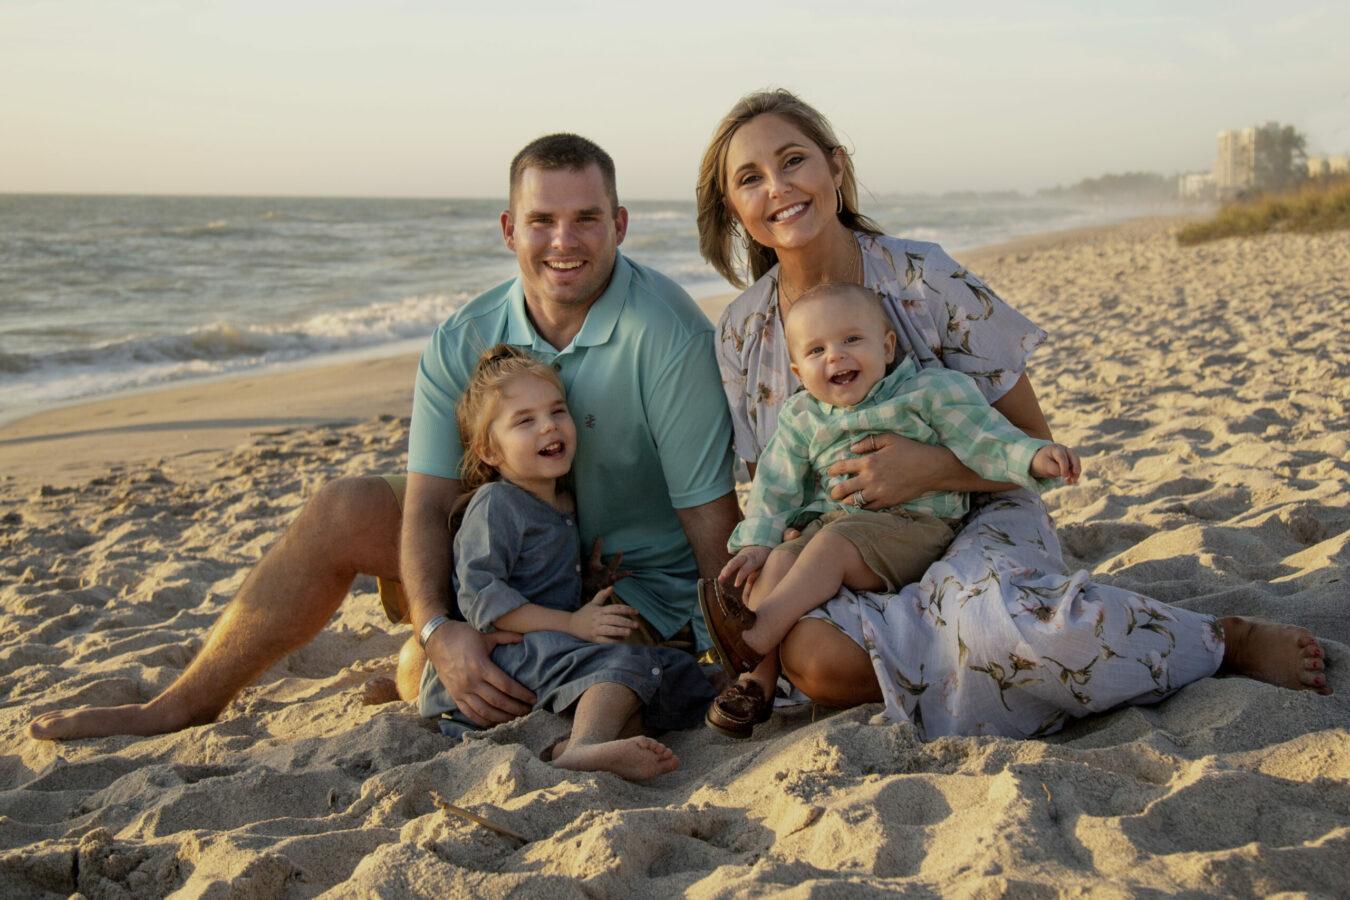 Beach Family Photography Sarasota Florida